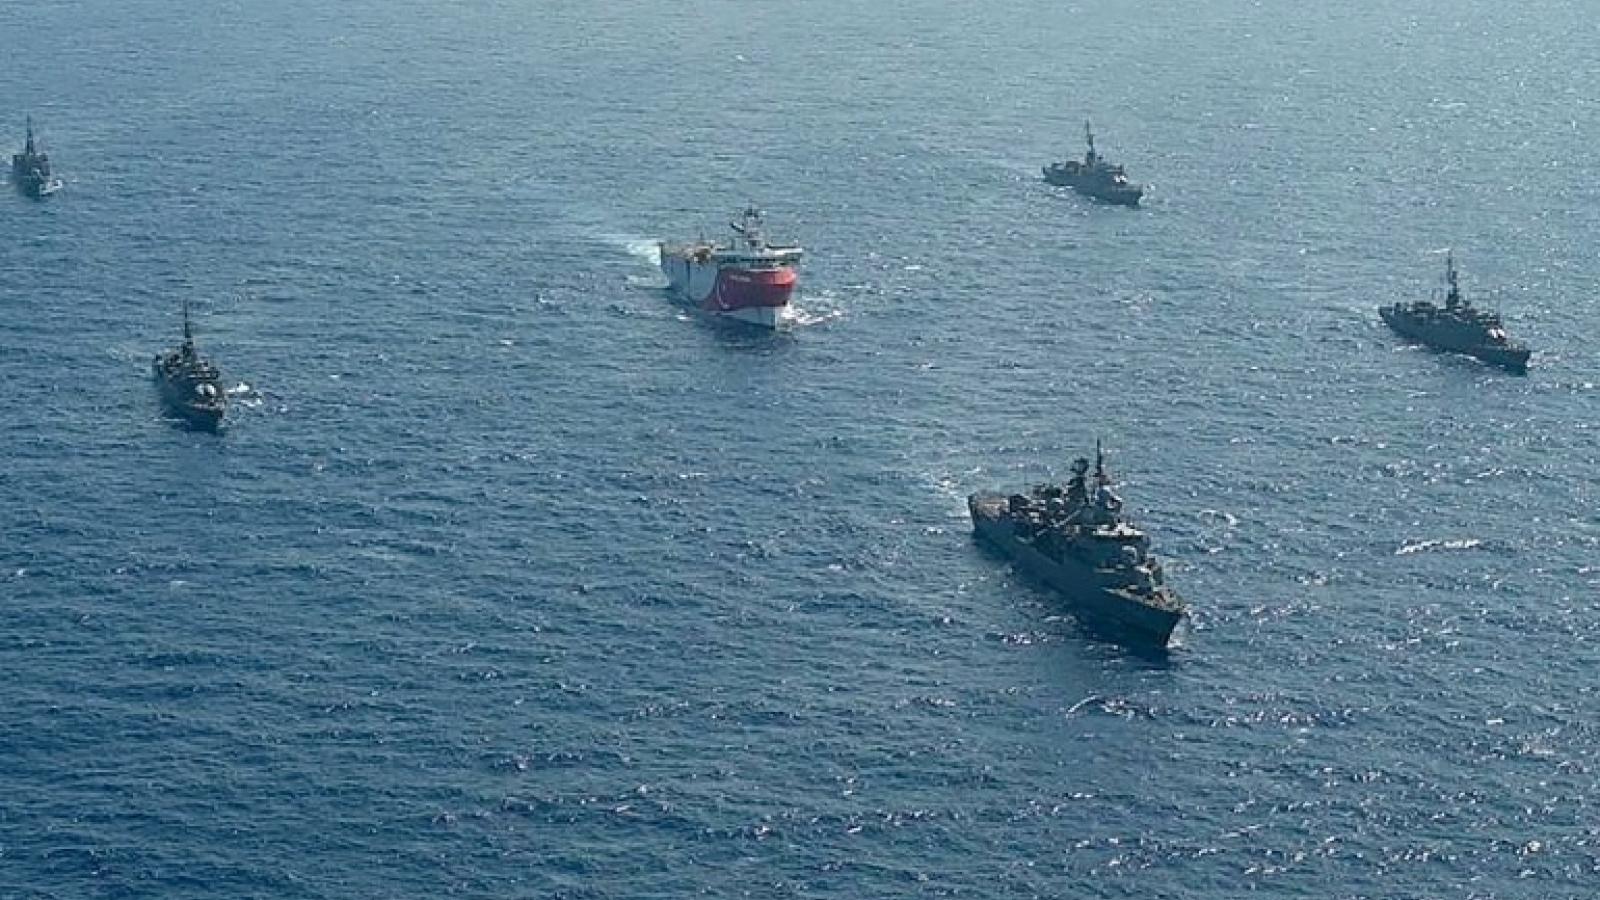 Hy Lạp và Thổ Nhĩ Kỳ nối lại đàm phán về tranh chấp lãnh hải sau nhiều năm xung đột